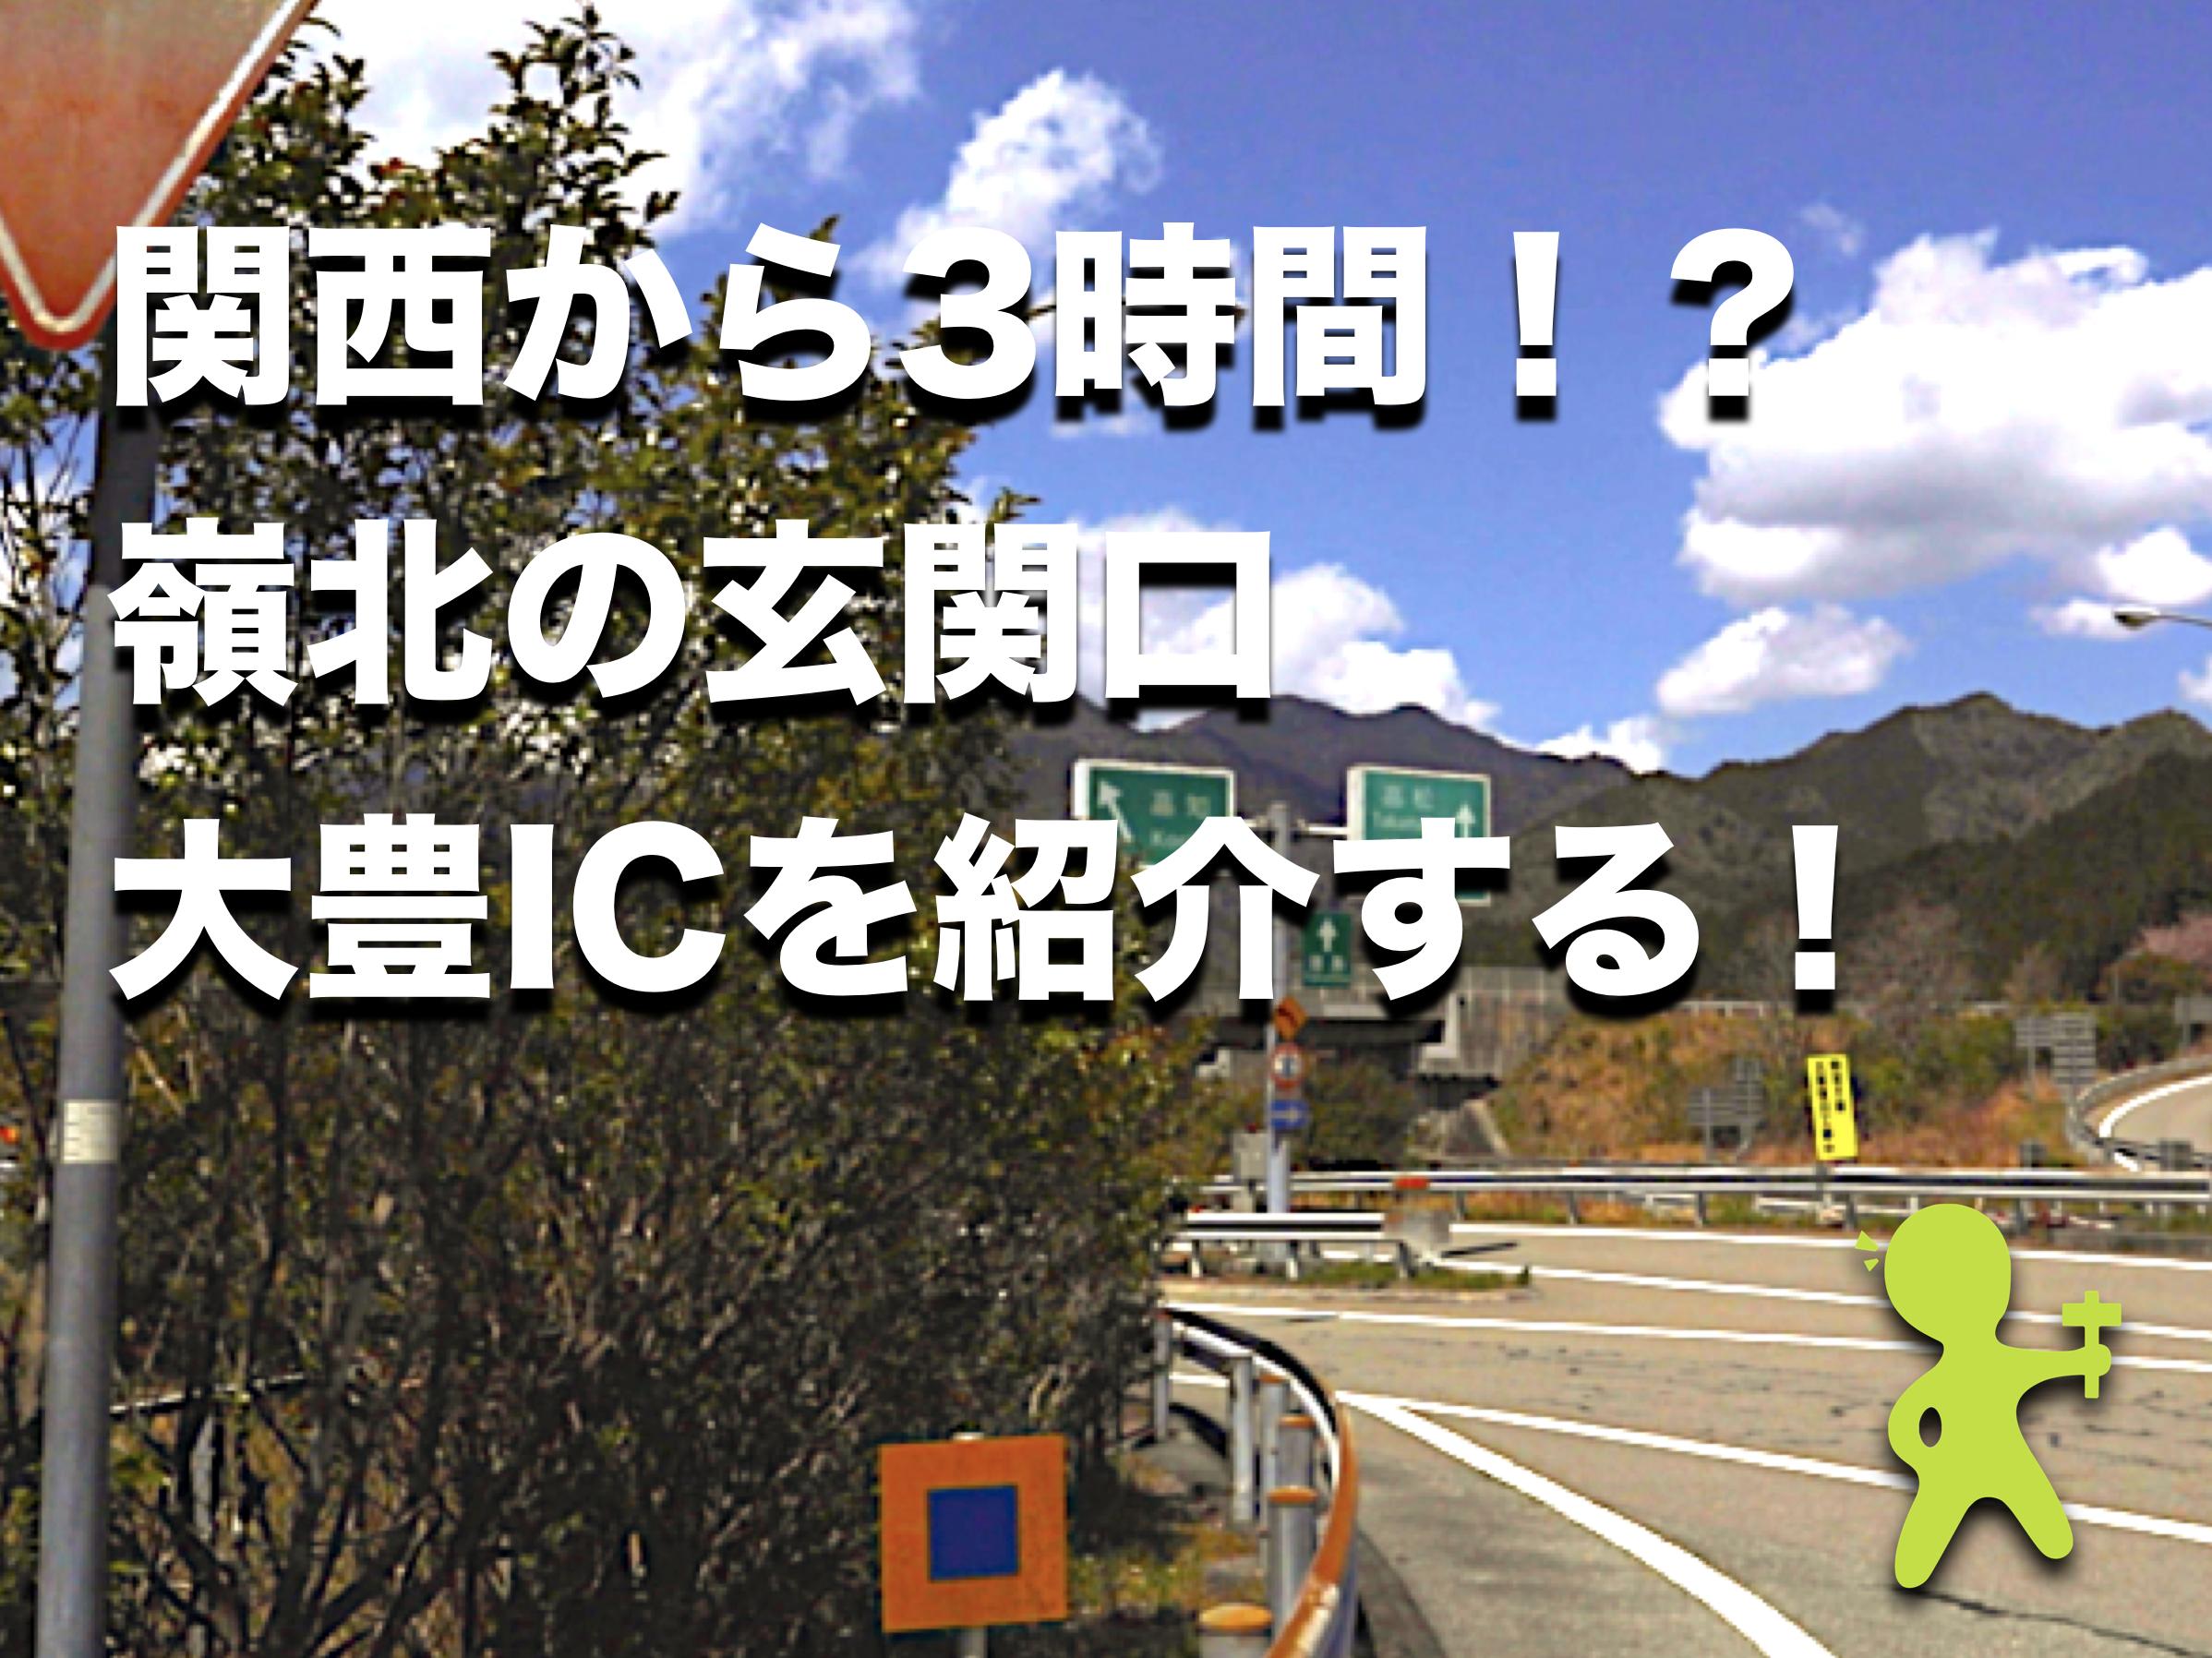 【岡山まで高速で1時間半!】車で嶺北へ来る際の玄関口、大豊ICを紹介するよ。